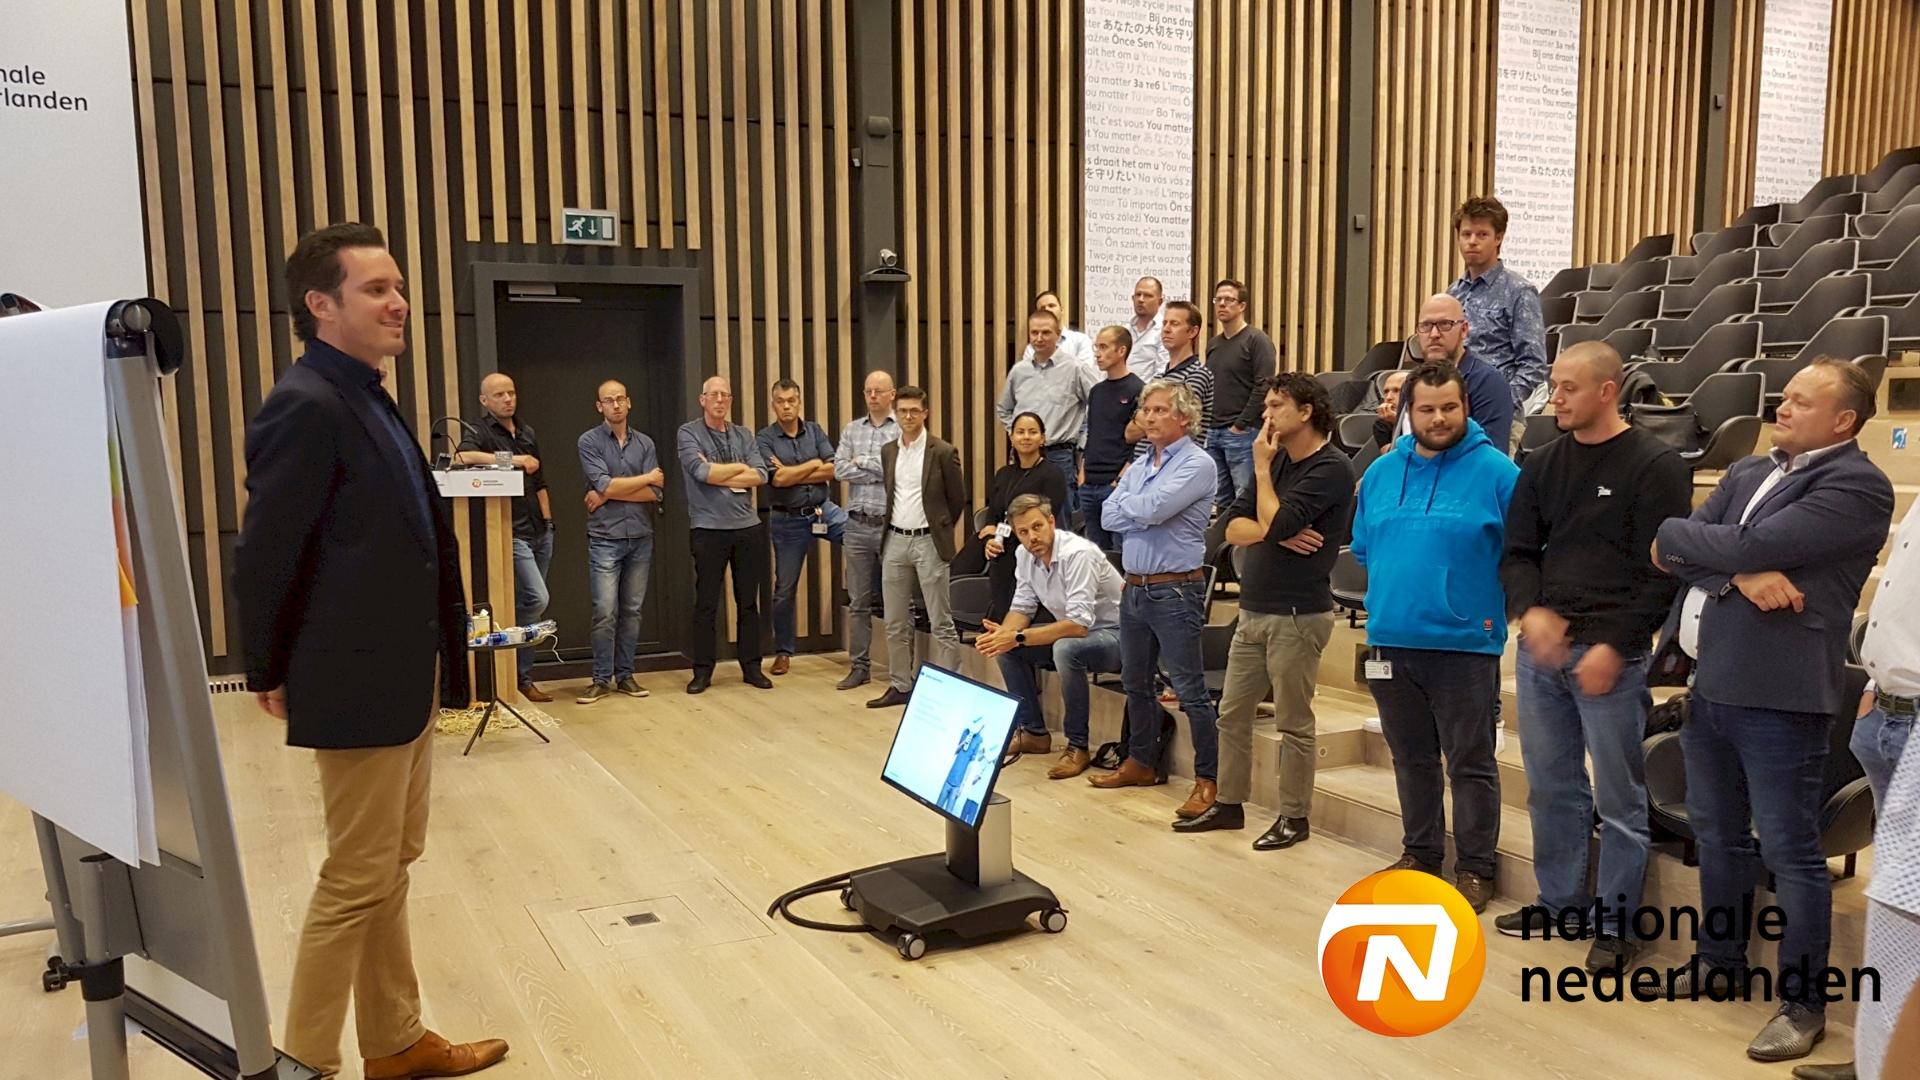 Nationale Nederlanden - Communicatie - Jerry van Staveren 9